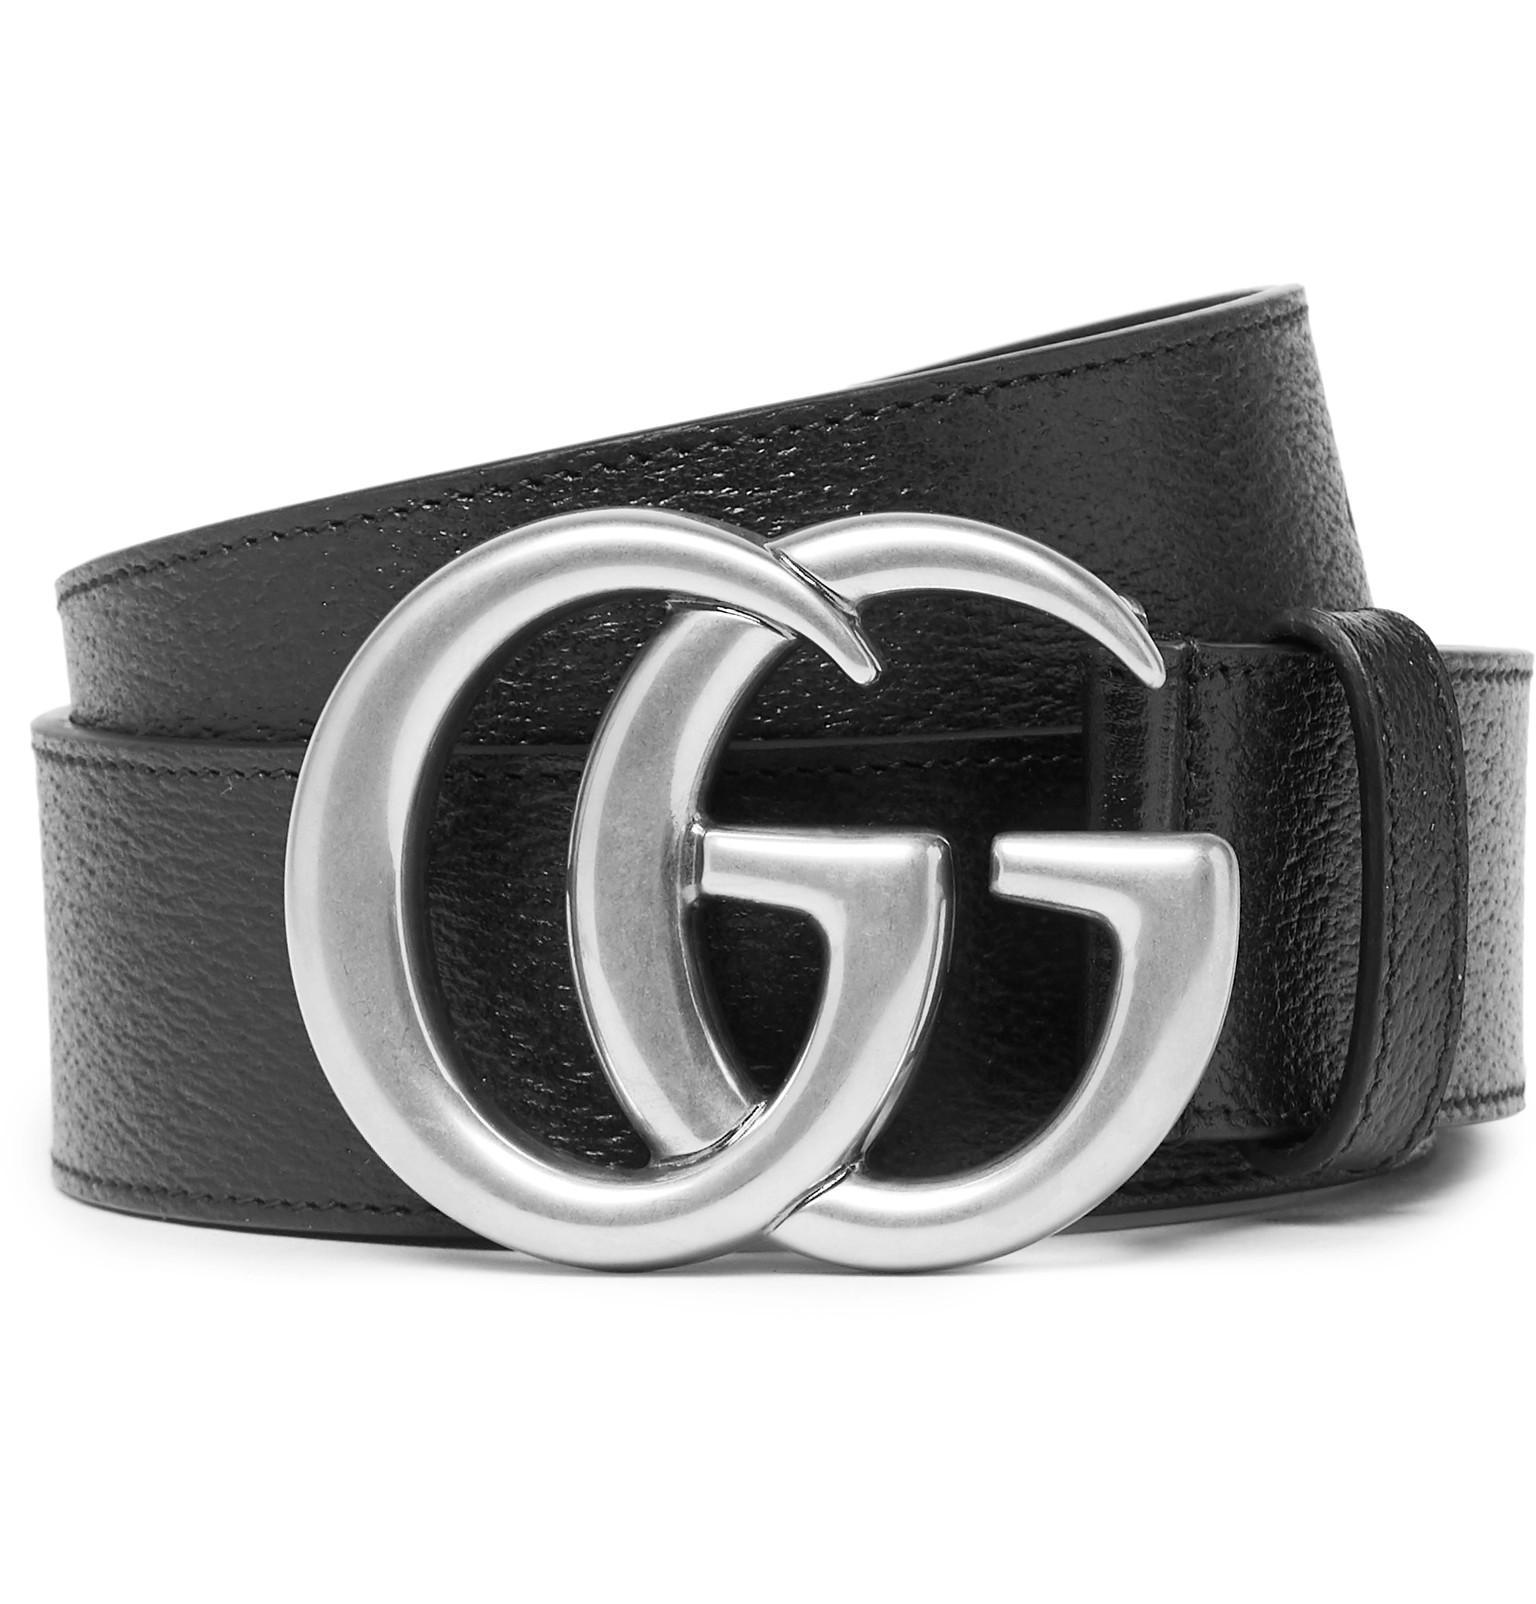 cddd4eeb5a2 Gucci 4cm Black Full-grain Leather Belt in Black for Men - Lyst